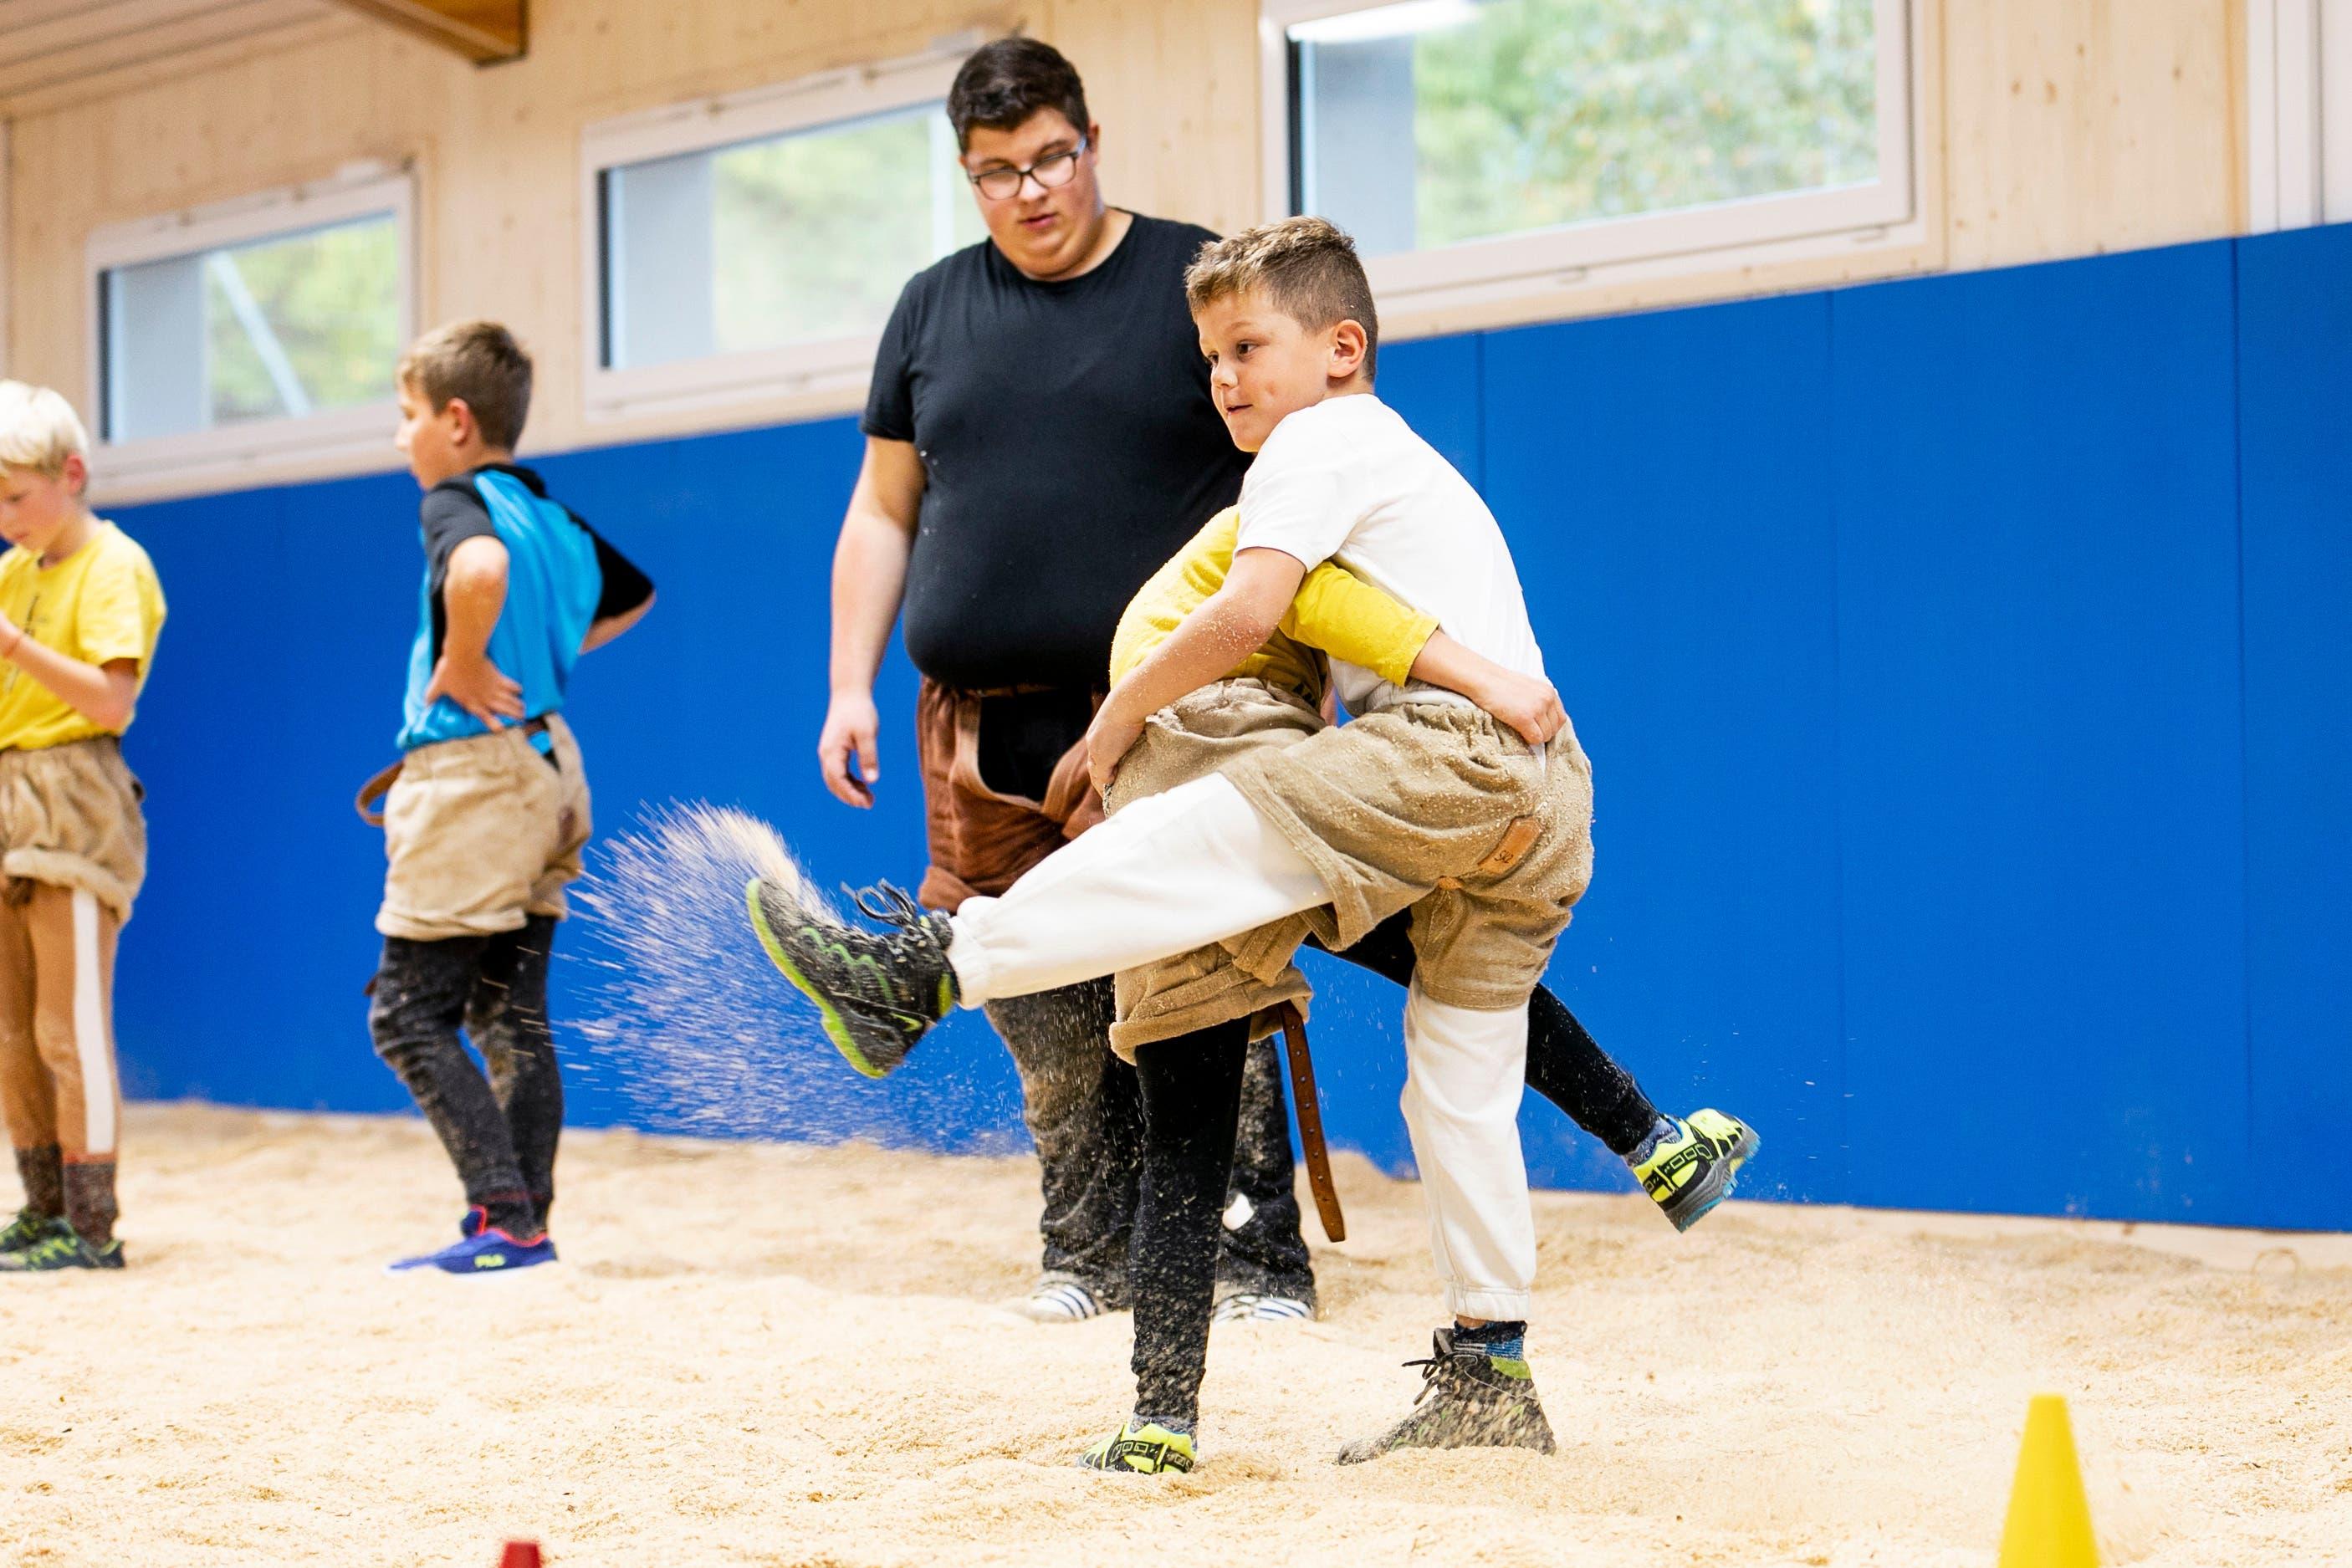 Dreizehn Jungs und Mädchen toben sich in der neuen Schwingerhalle in Döttingen aus